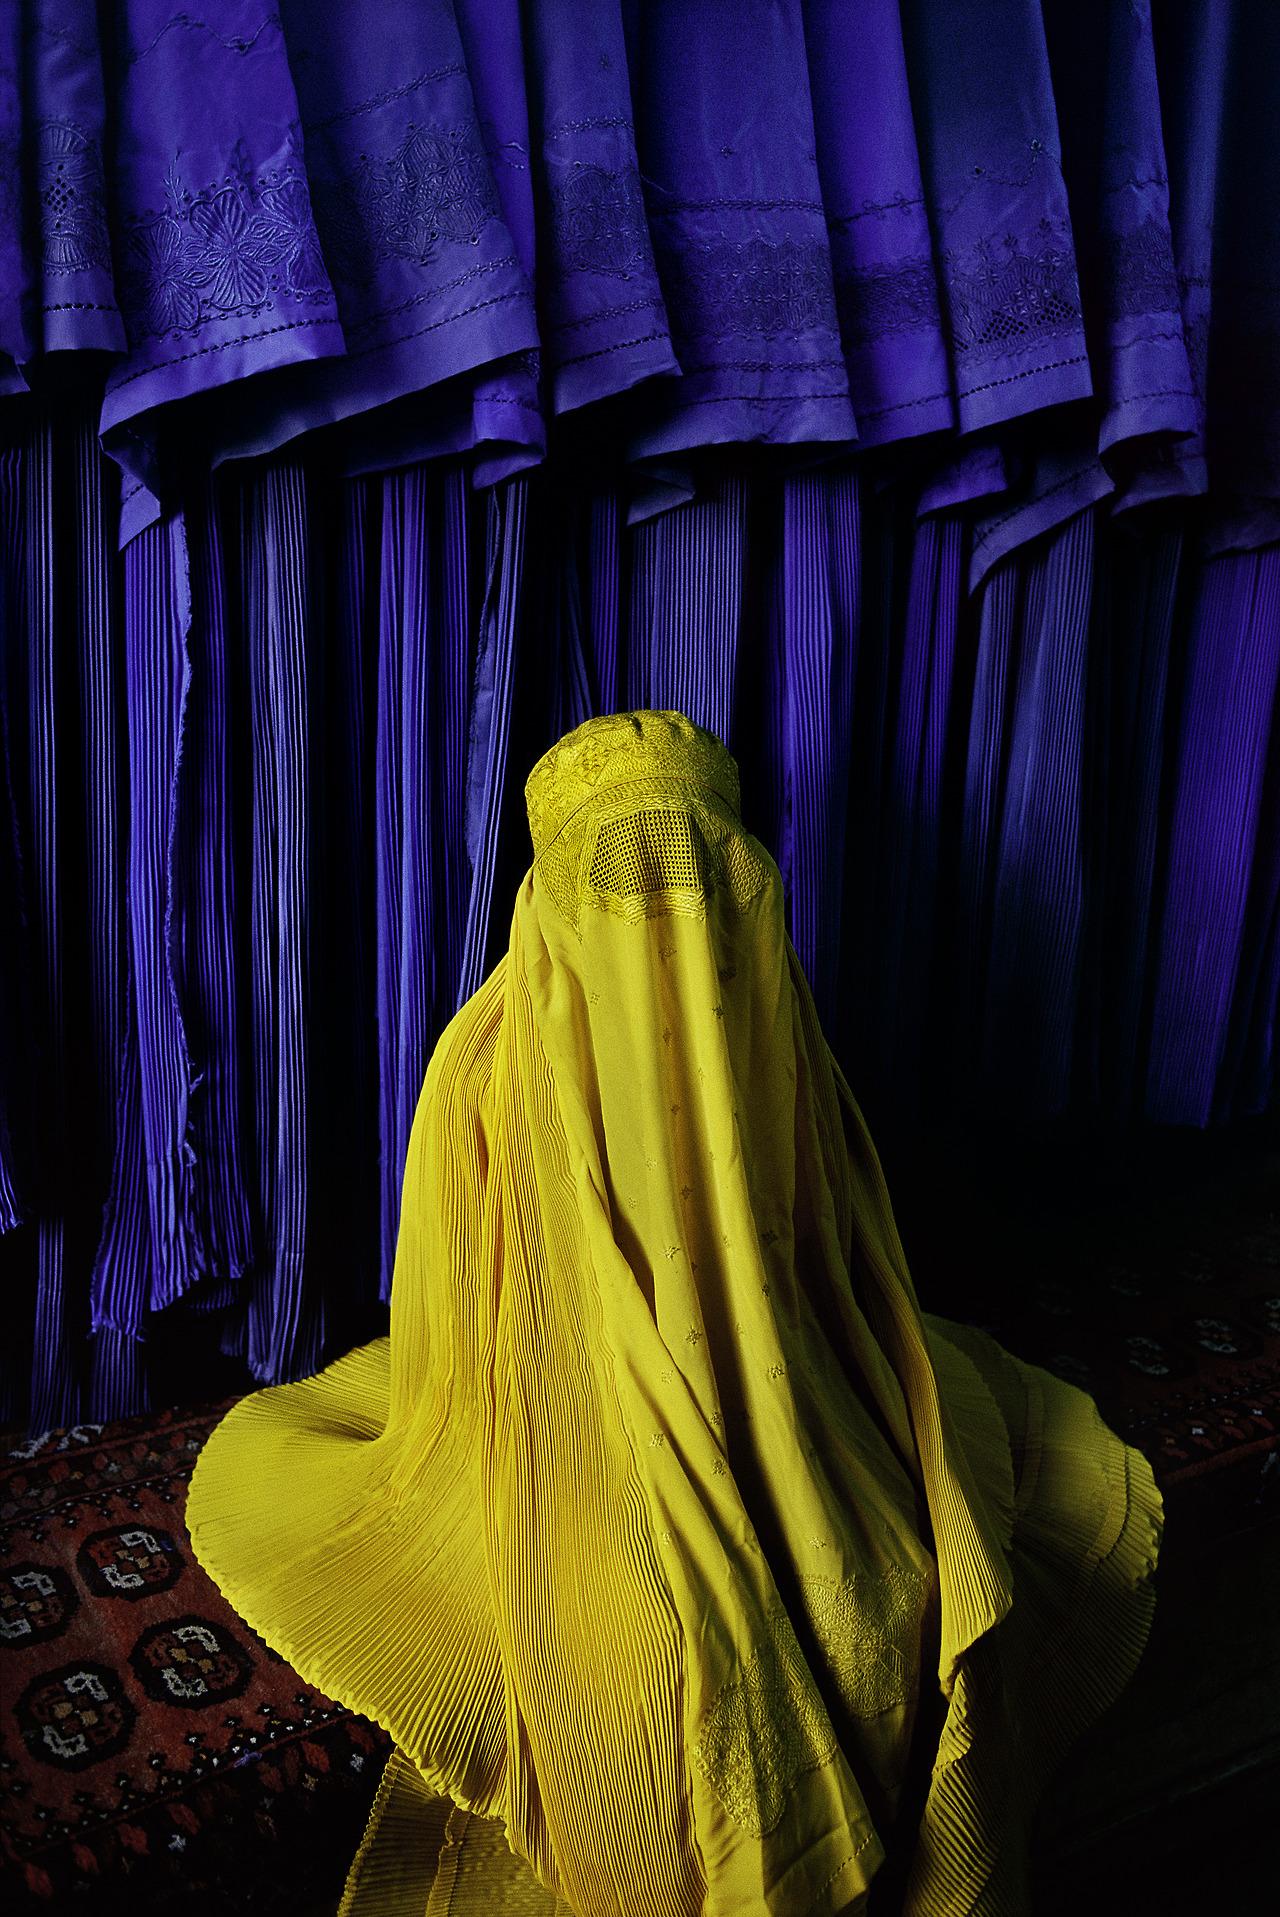 AFGHN-10149, Kabul, Afghanistan